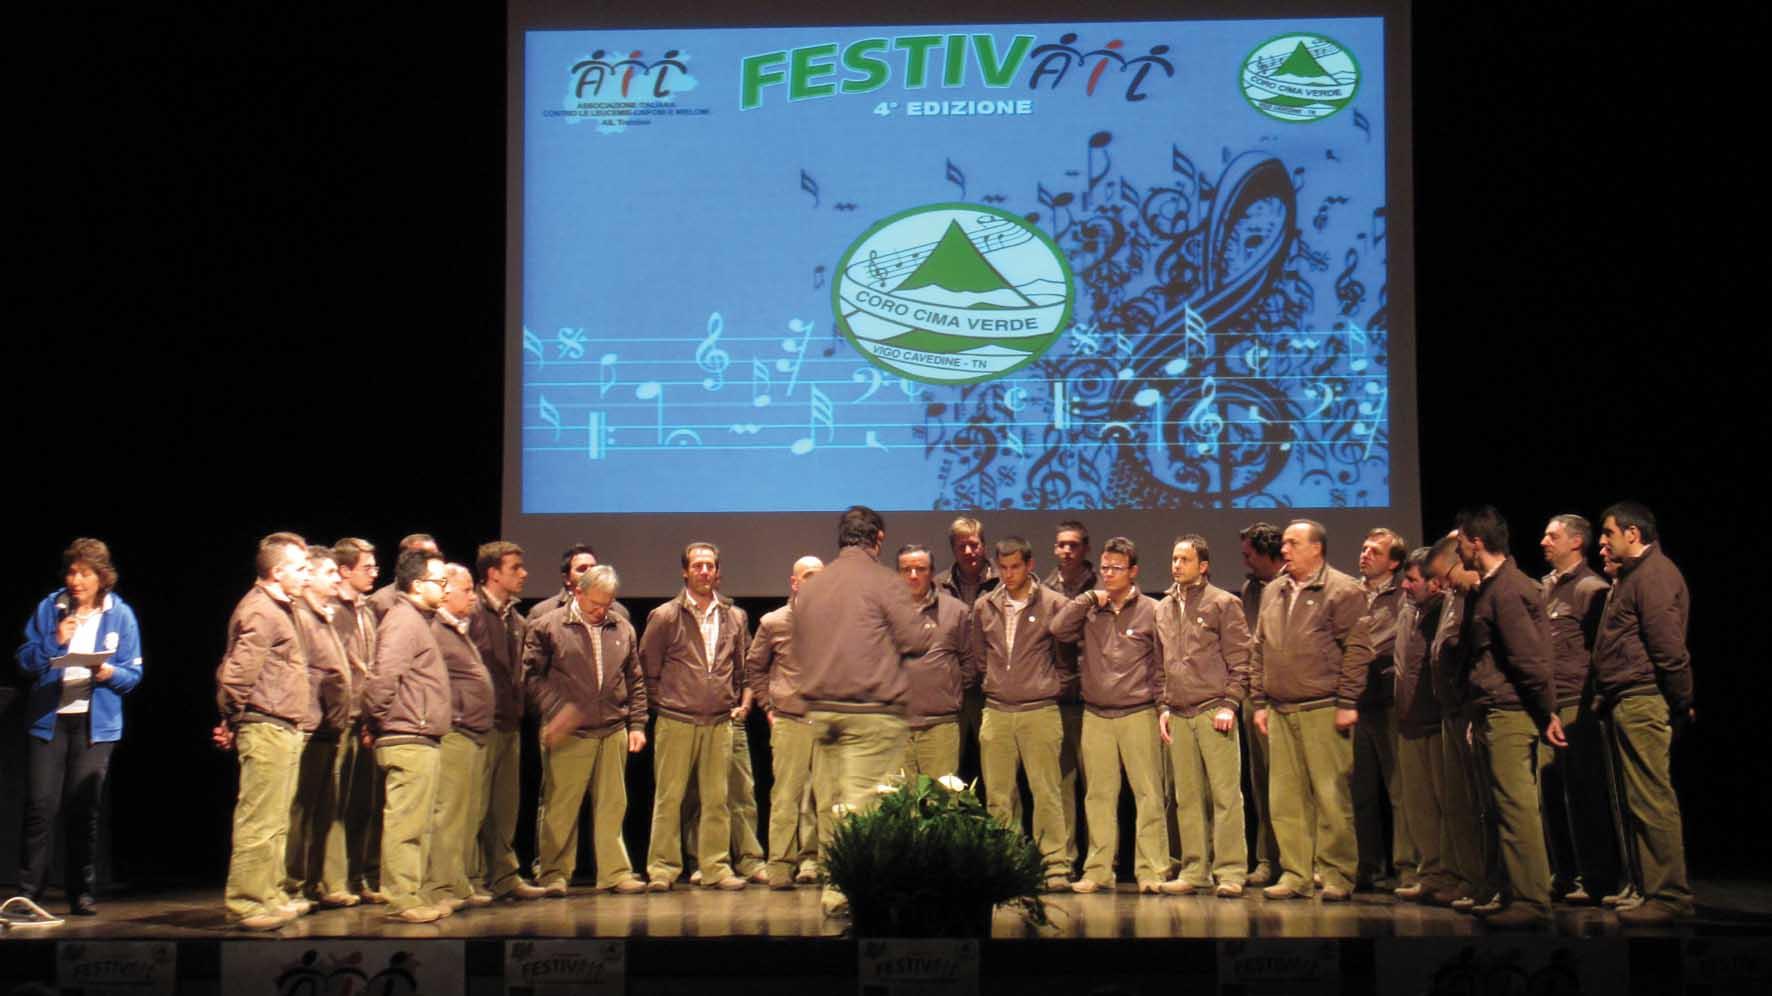 festival-ail-vezzano-coro-cima-verde-ilnordest